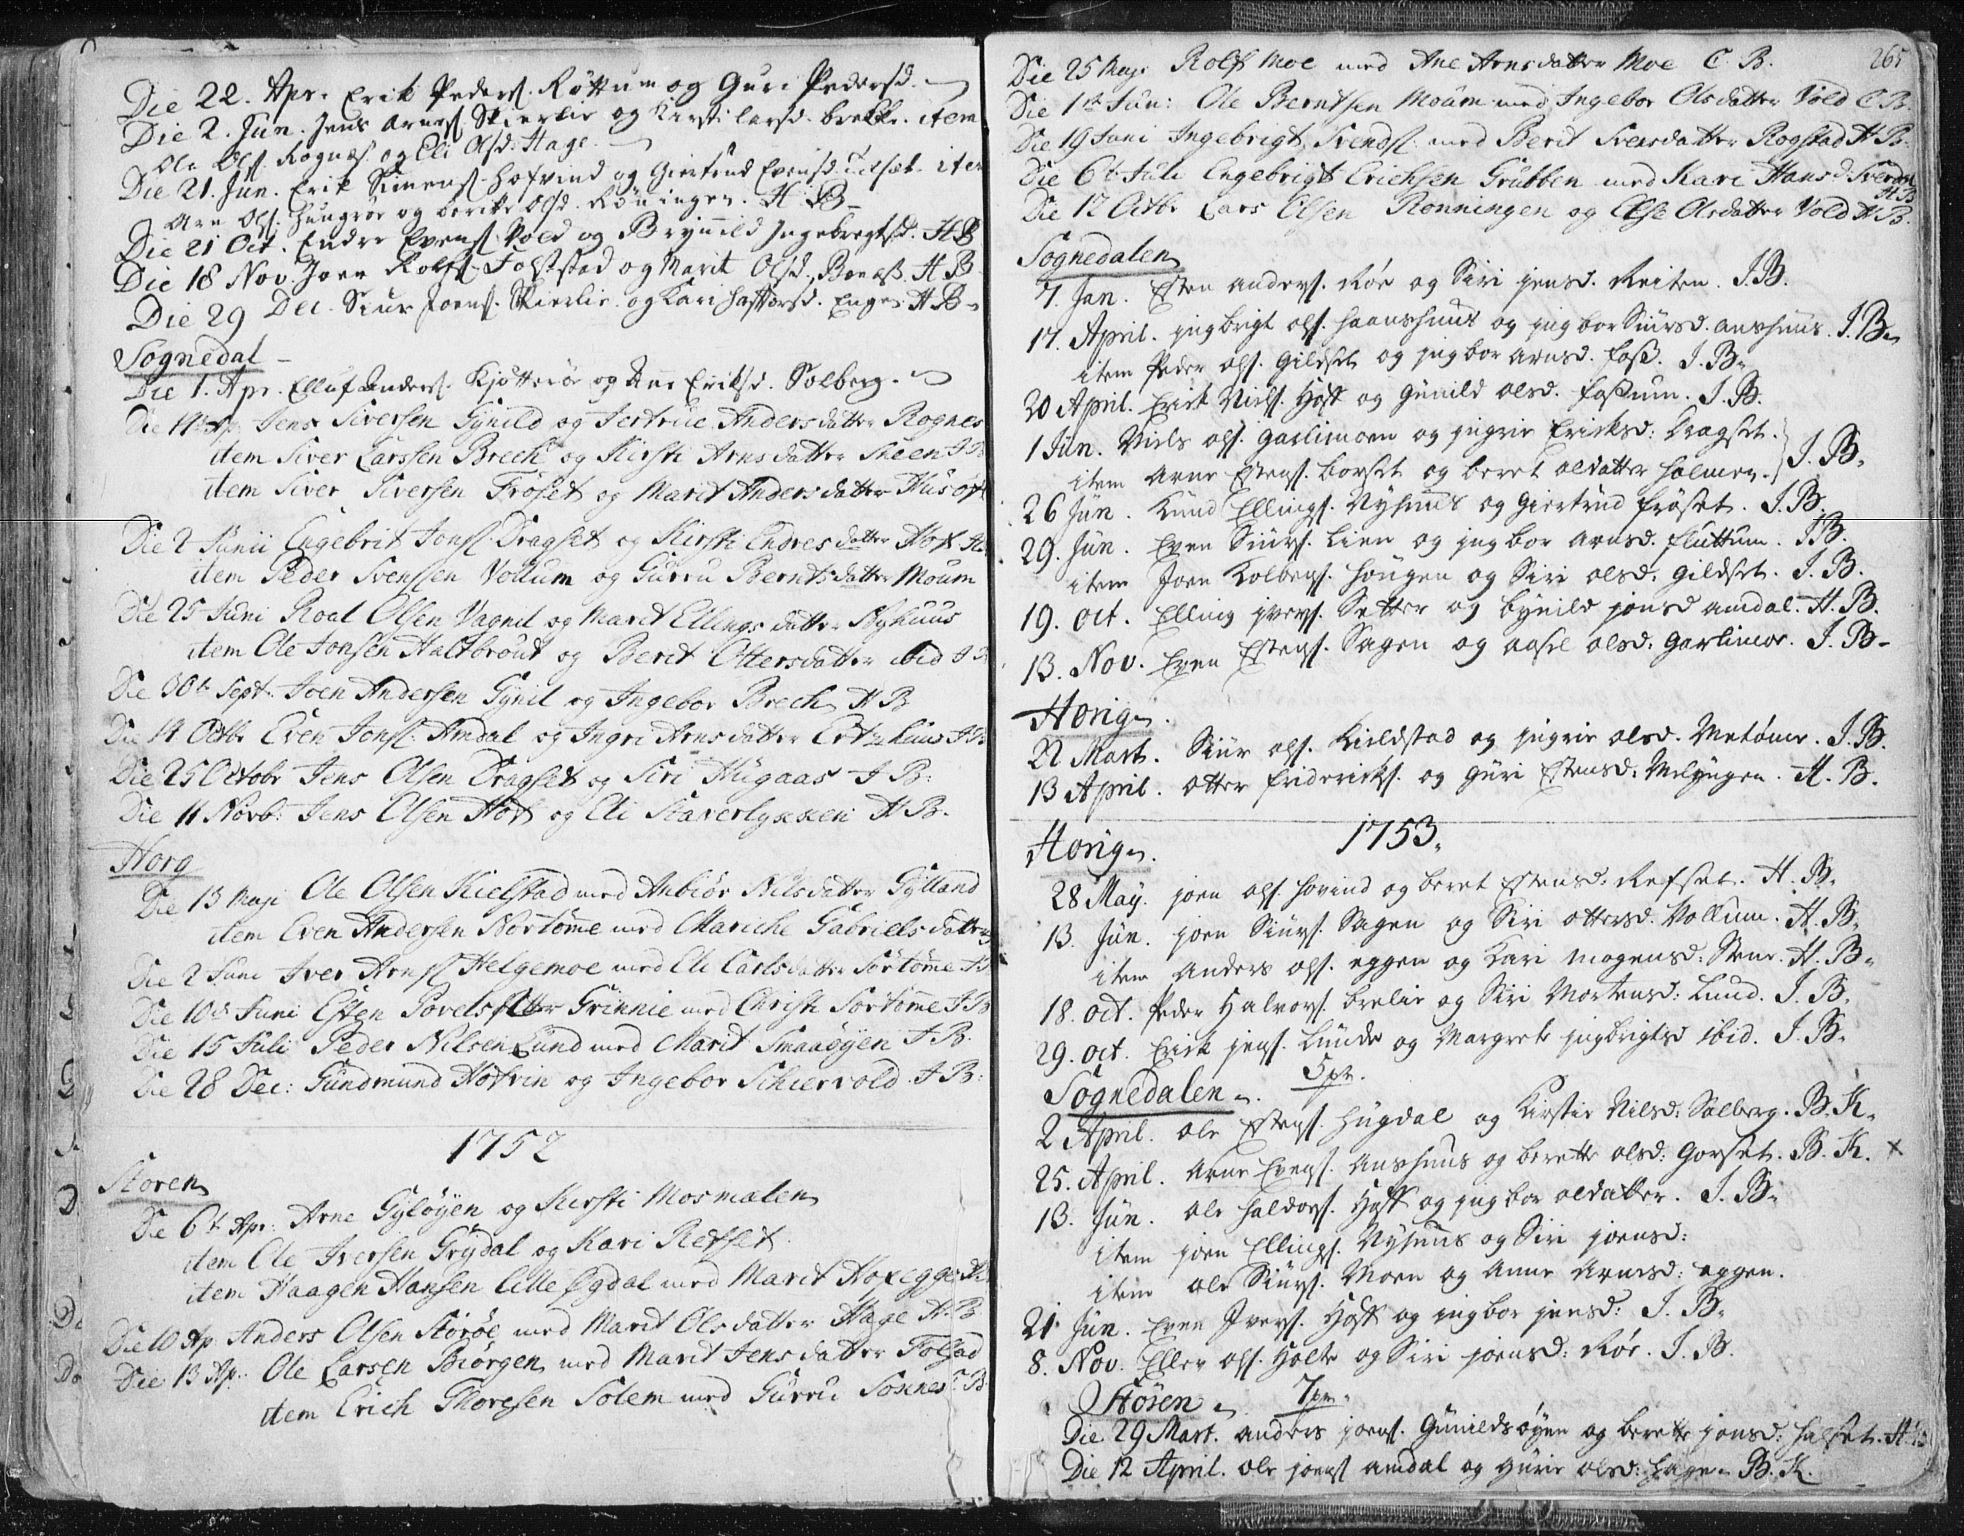 SAT, Ministerialprotokoller, klokkerbøker og fødselsregistre - Sør-Trøndelag, 687/L0991: Ministerialbok nr. 687A02, 1747-1790, s. 265